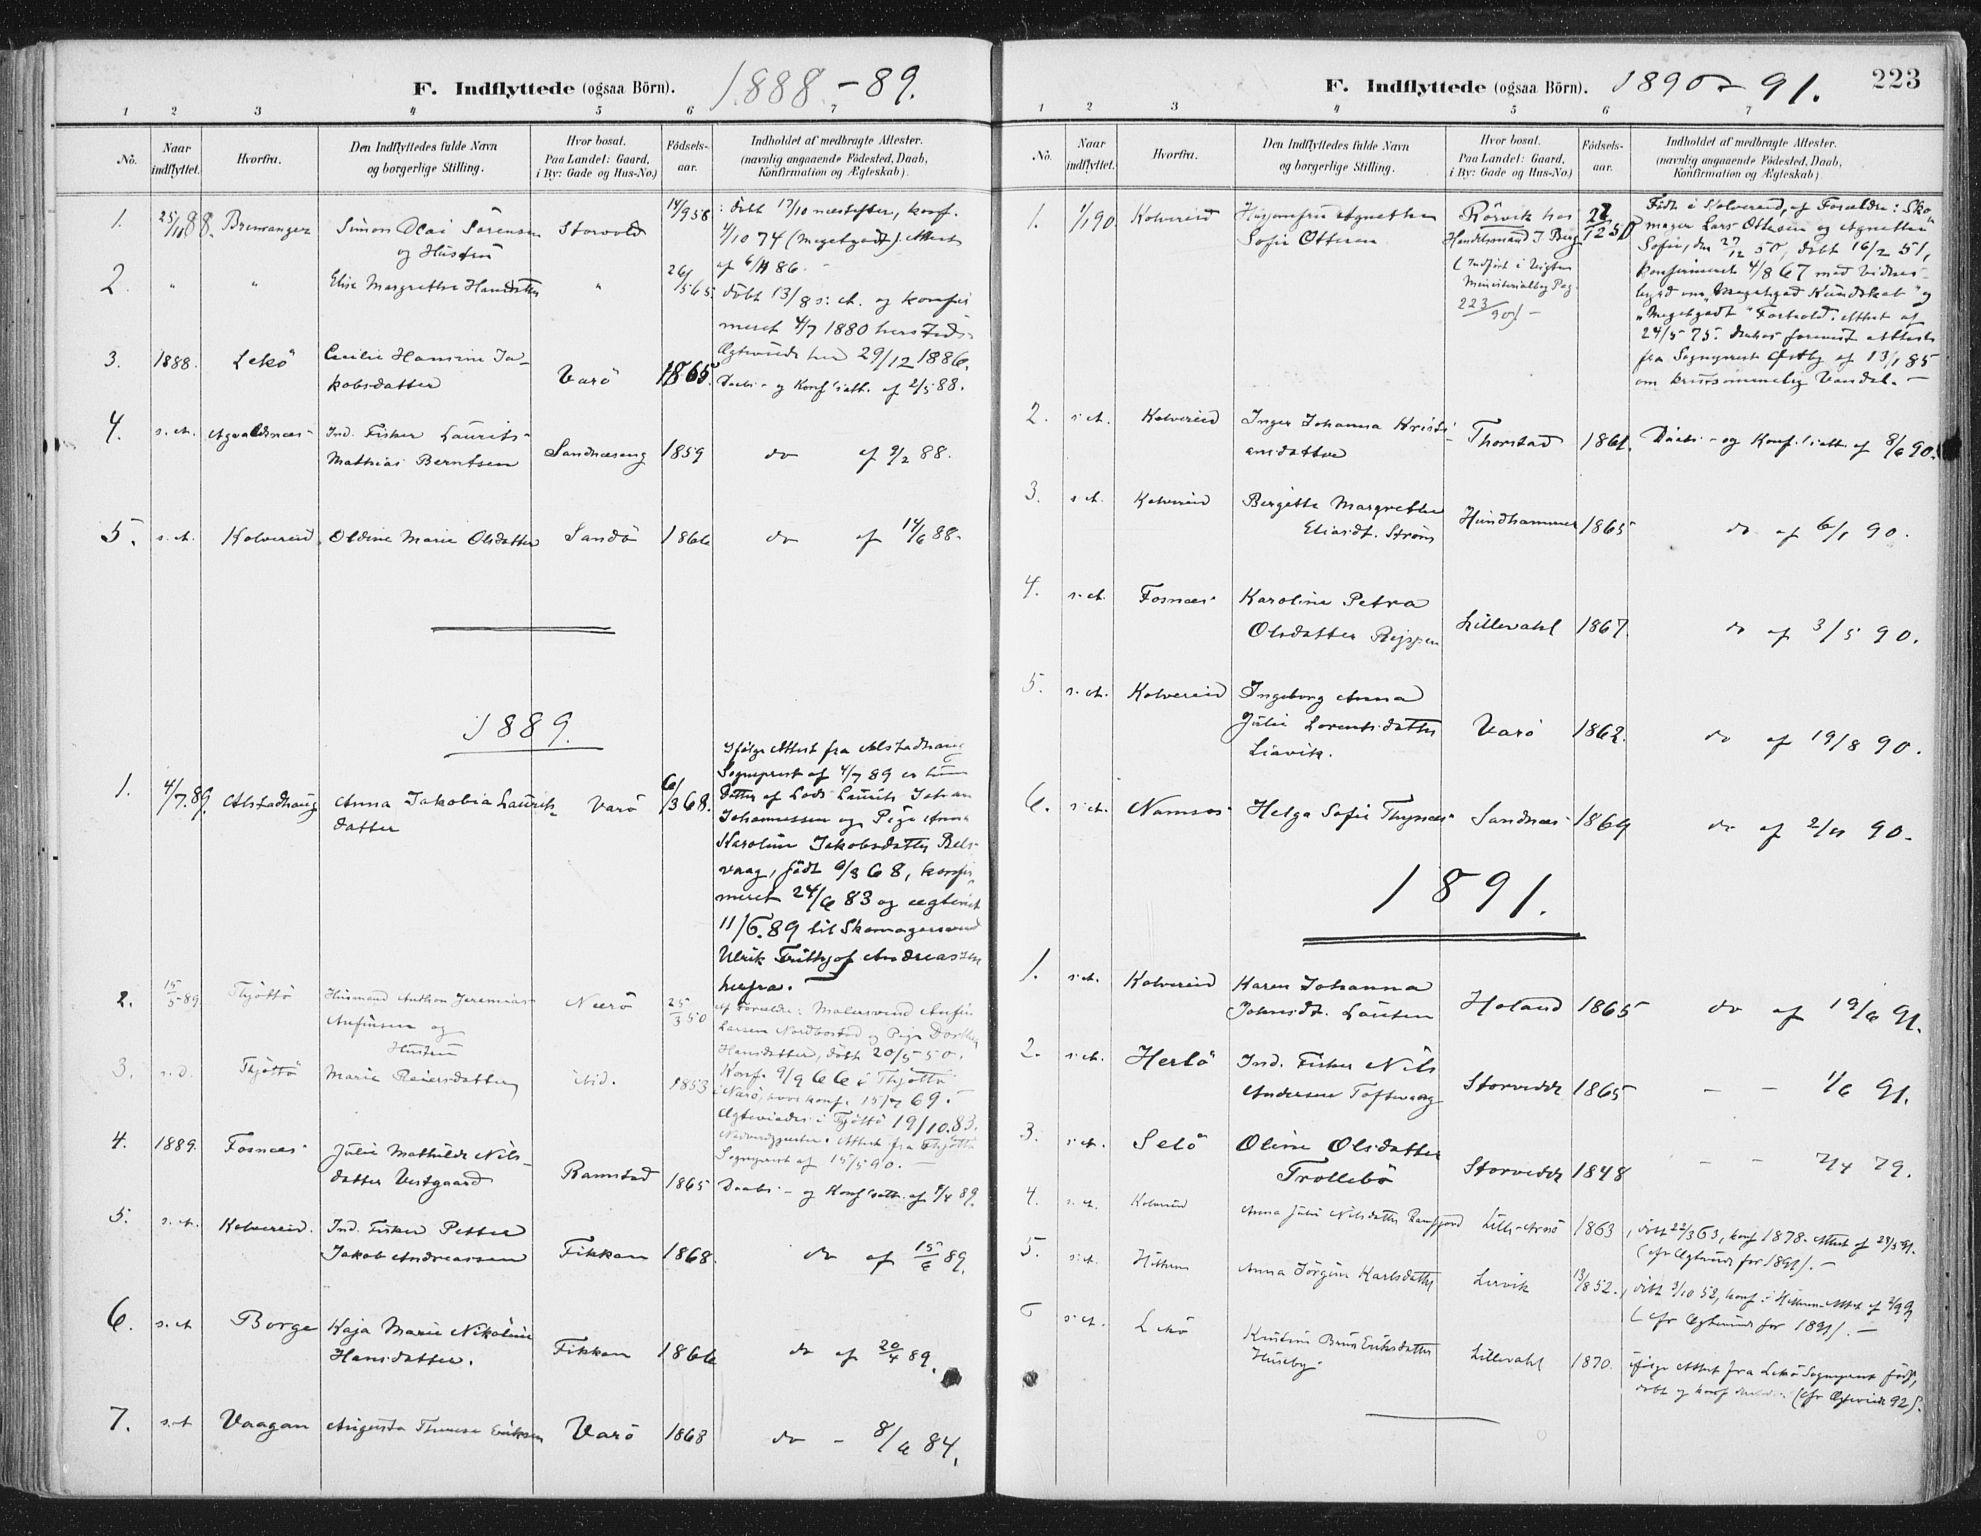 SAT, Ministerialprotokoller, klokkerbøker og fødselsregistre - Nord-Trøndelag, 784/L0673: Ministerialbok nr. 784A08, 1888-1899, s. 223